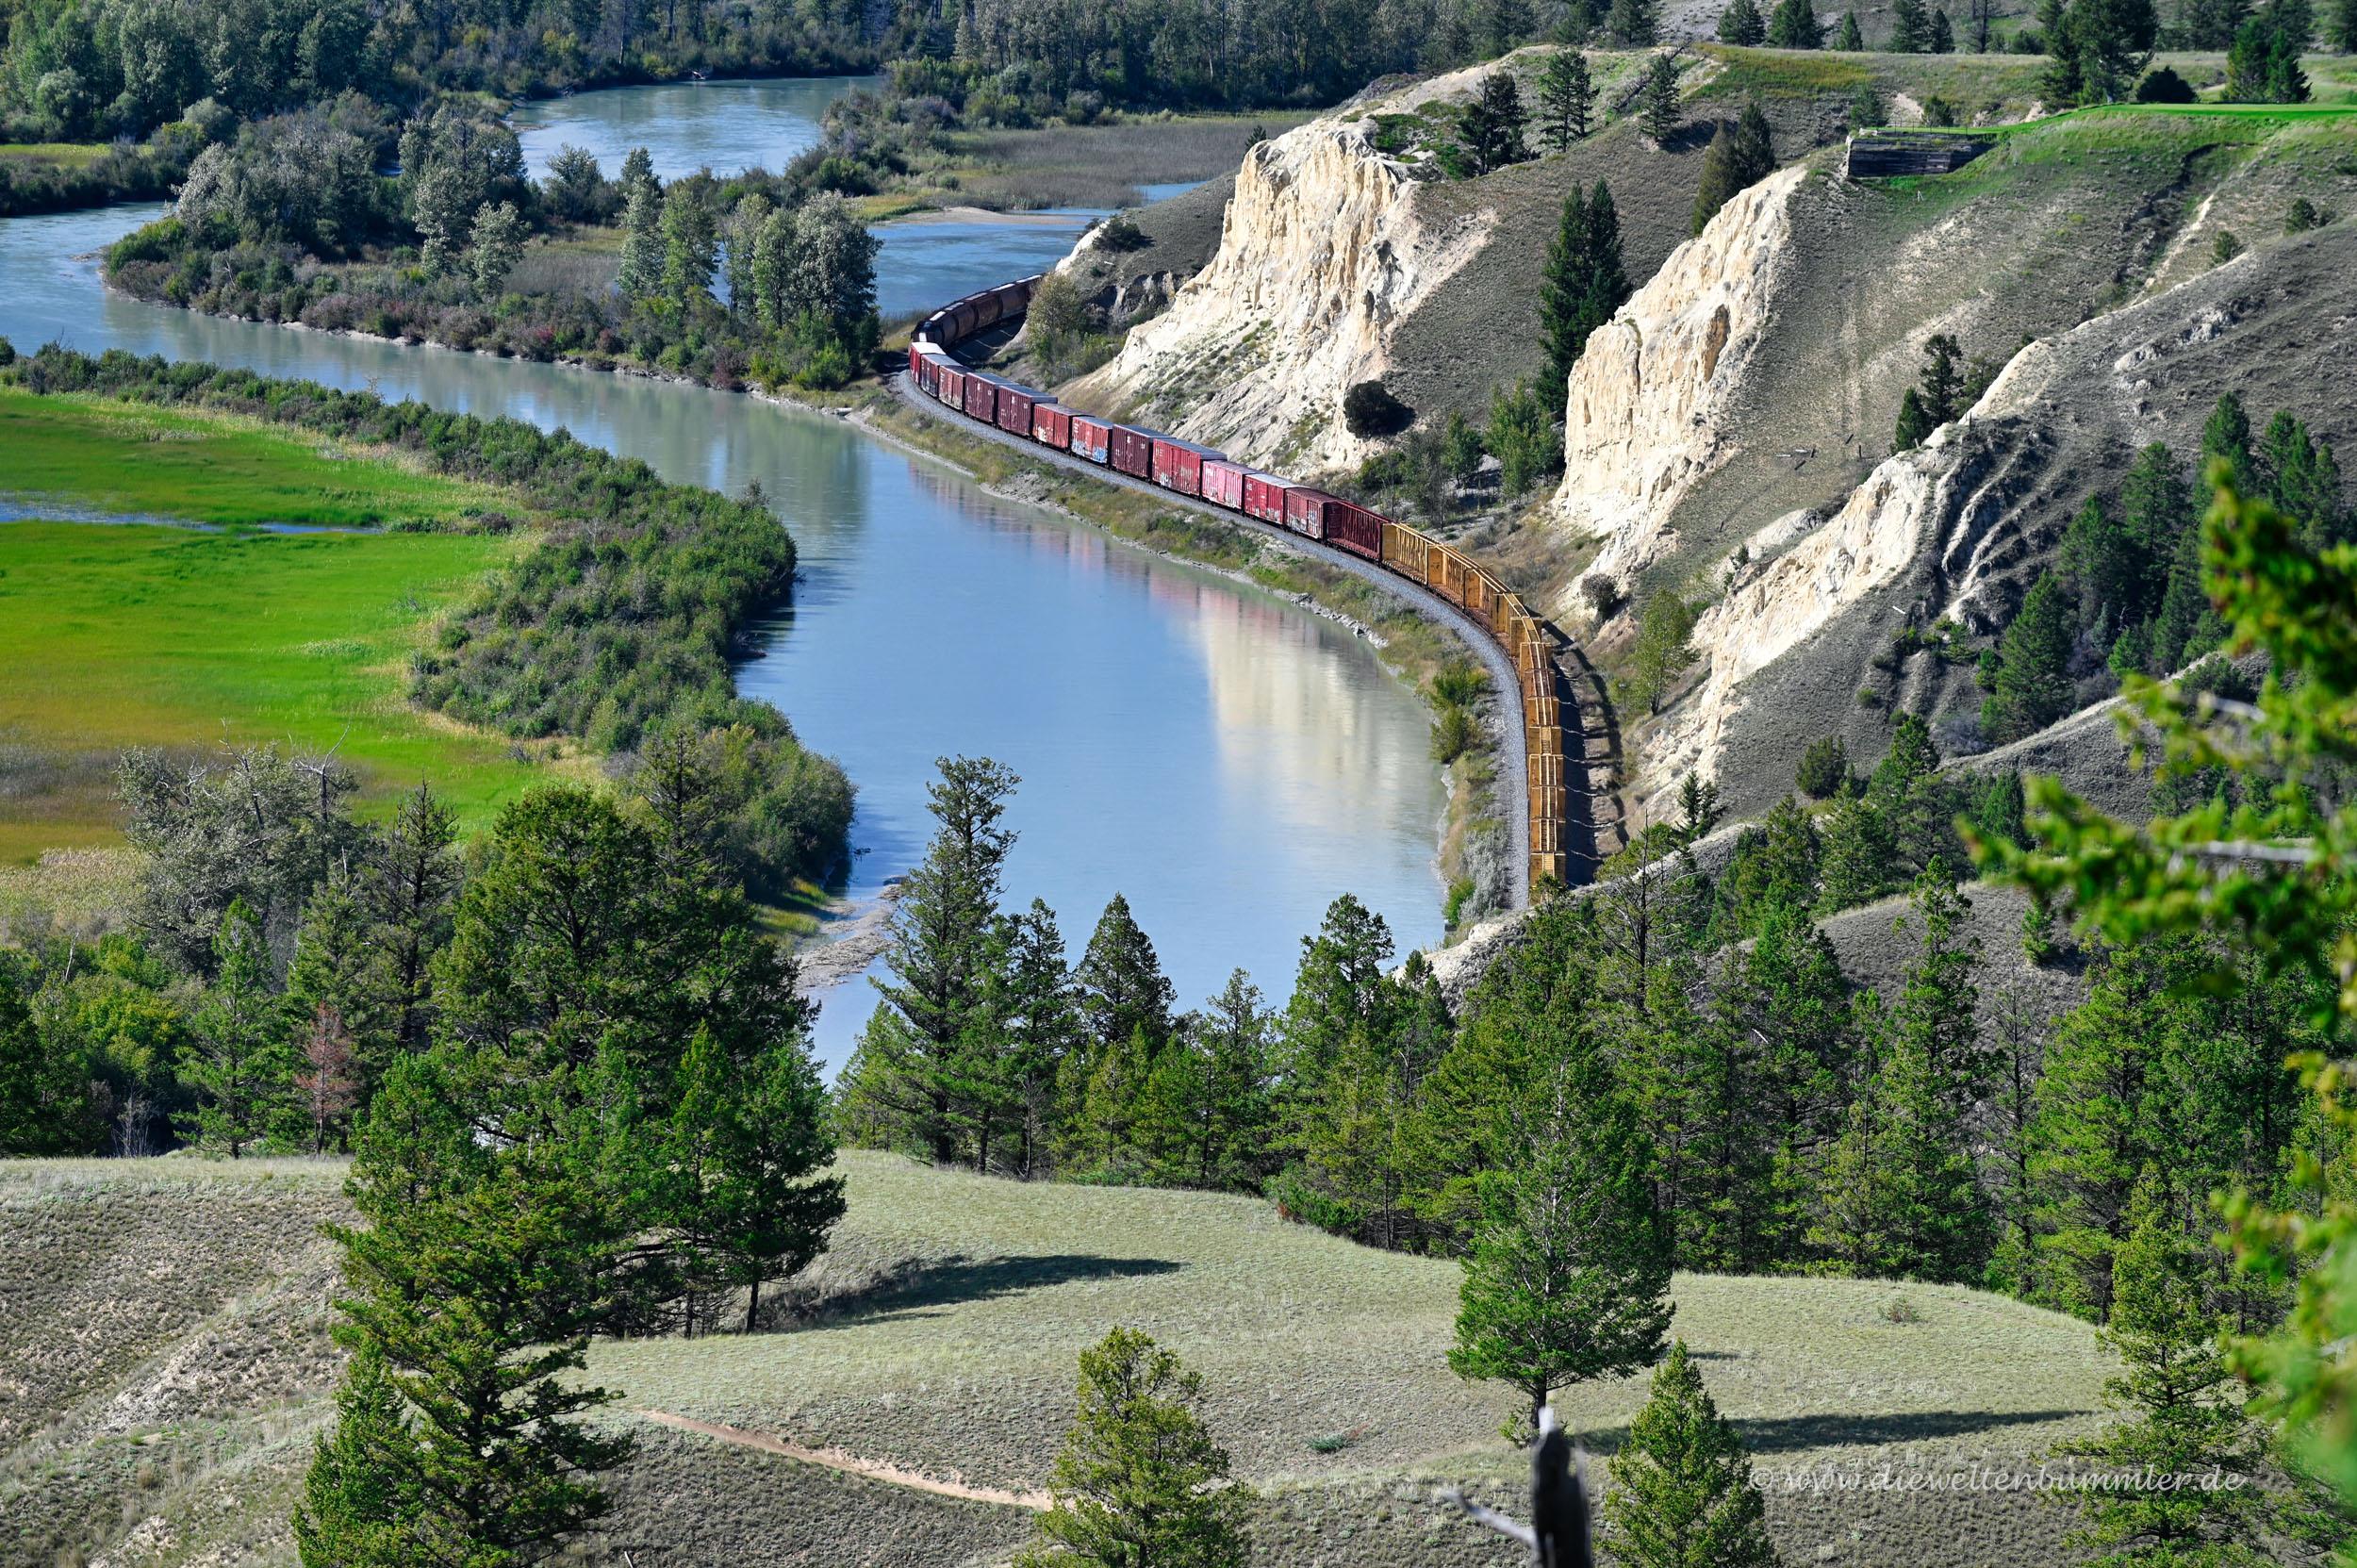 Zug schlängelt sich durch die Landschaft